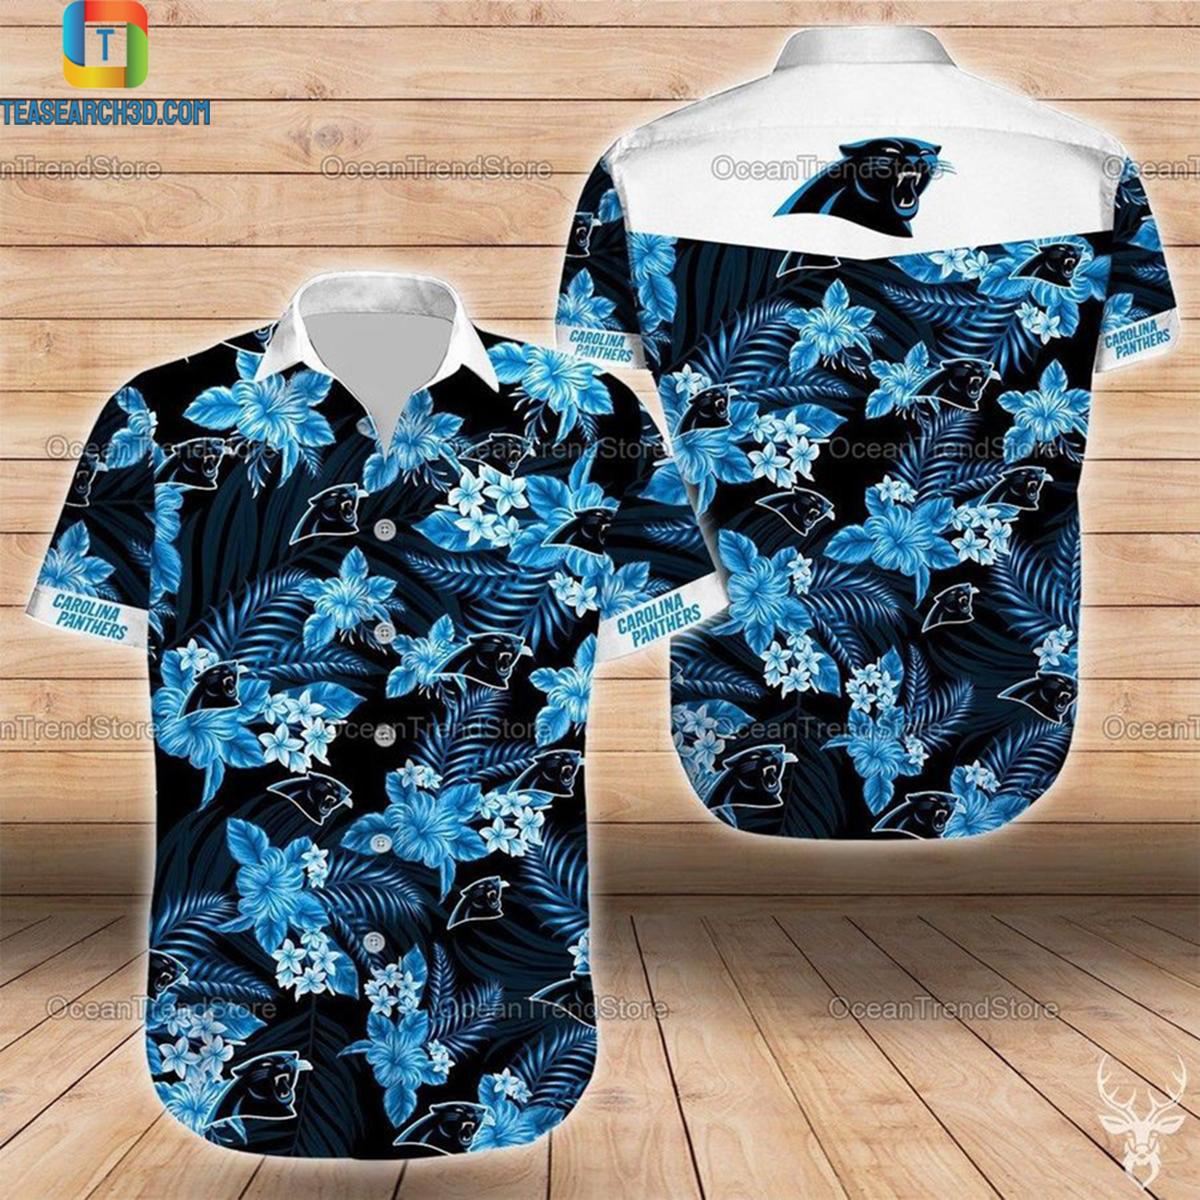 Carolina panthers nfl football hawaiian shirt 2